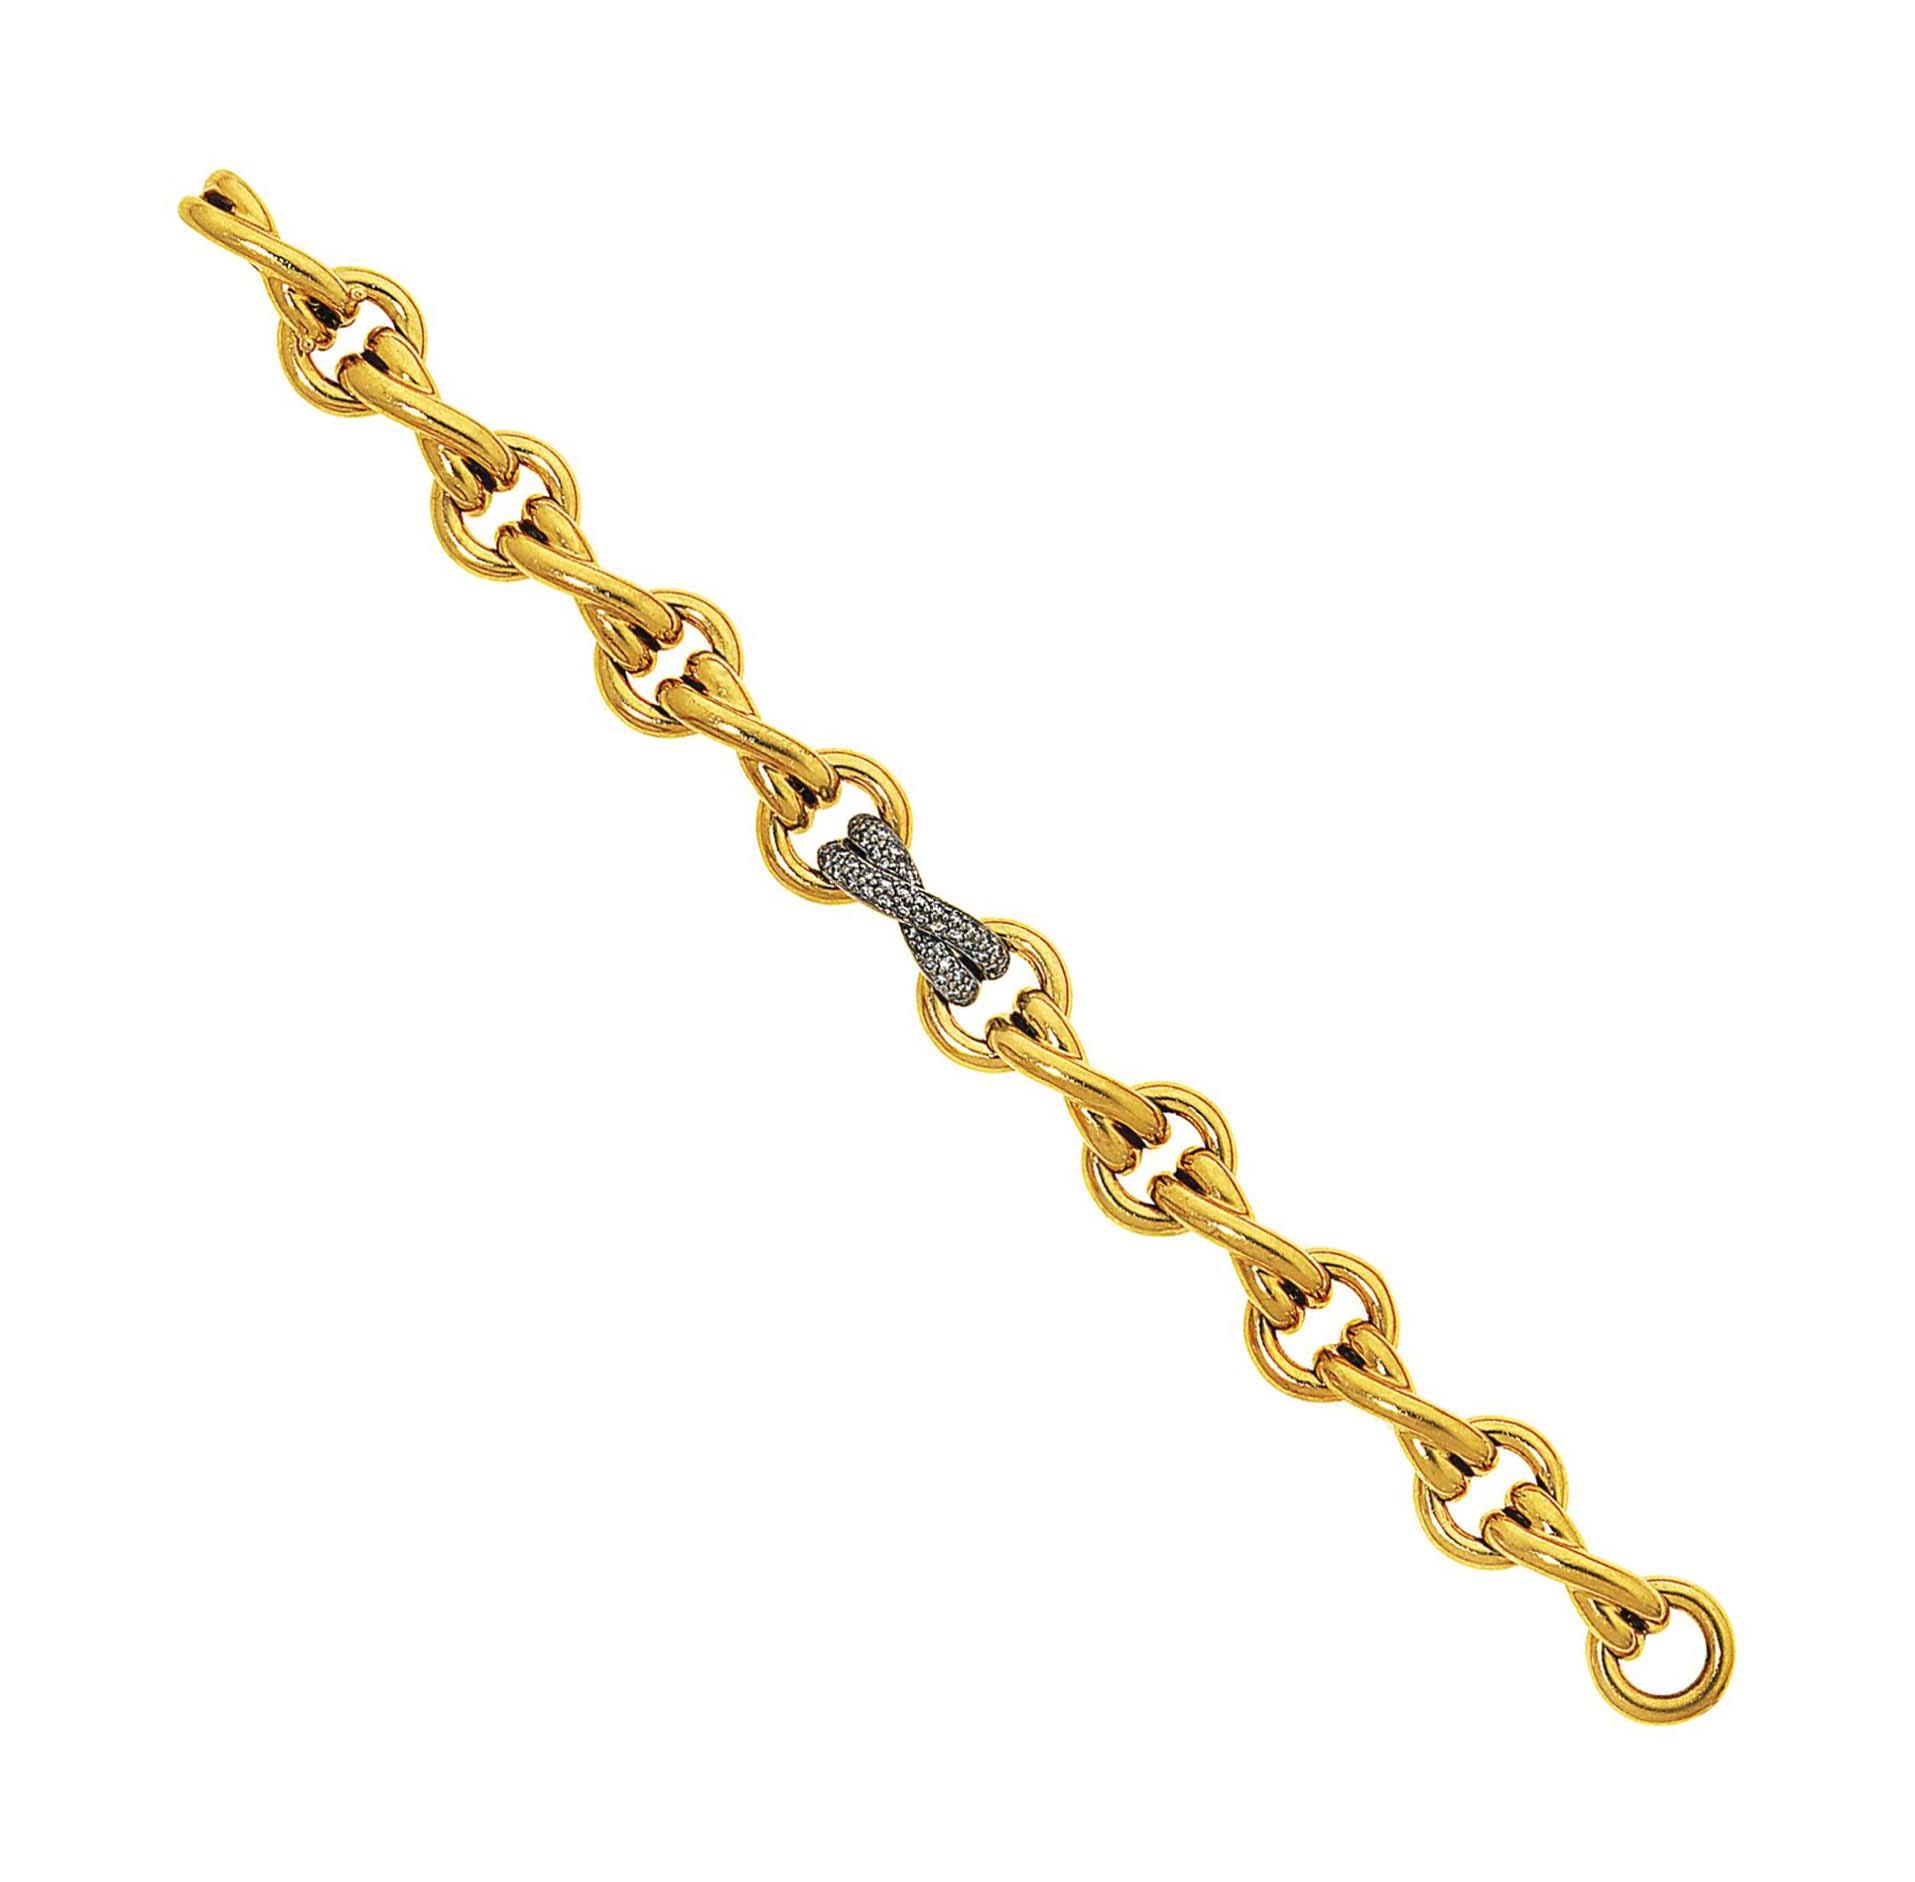 A diamond-set gold bracelet, by Paloma Picasso for Tiffany & Co.